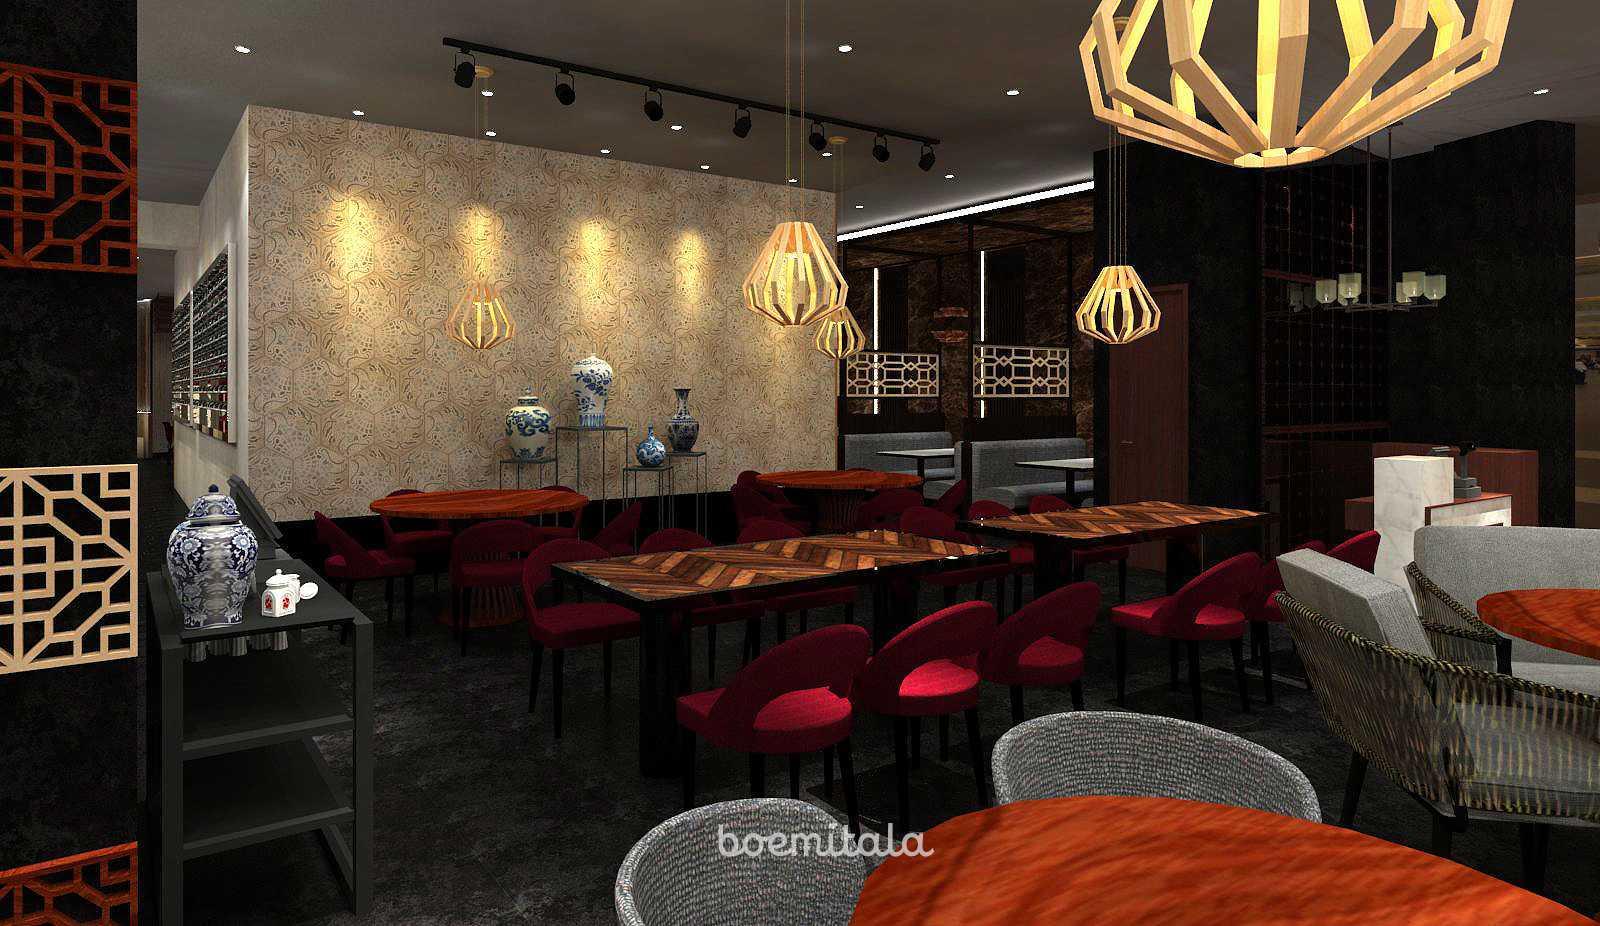 Boemitala Chinese Restaurant Jakarta, Daerah Khusus Ibukota Jakarta, Indonesia Jakarta, Daerah Khusus Ibukota Jakarta, Indonesia Boemitala-Chinese-Restaurant   63283